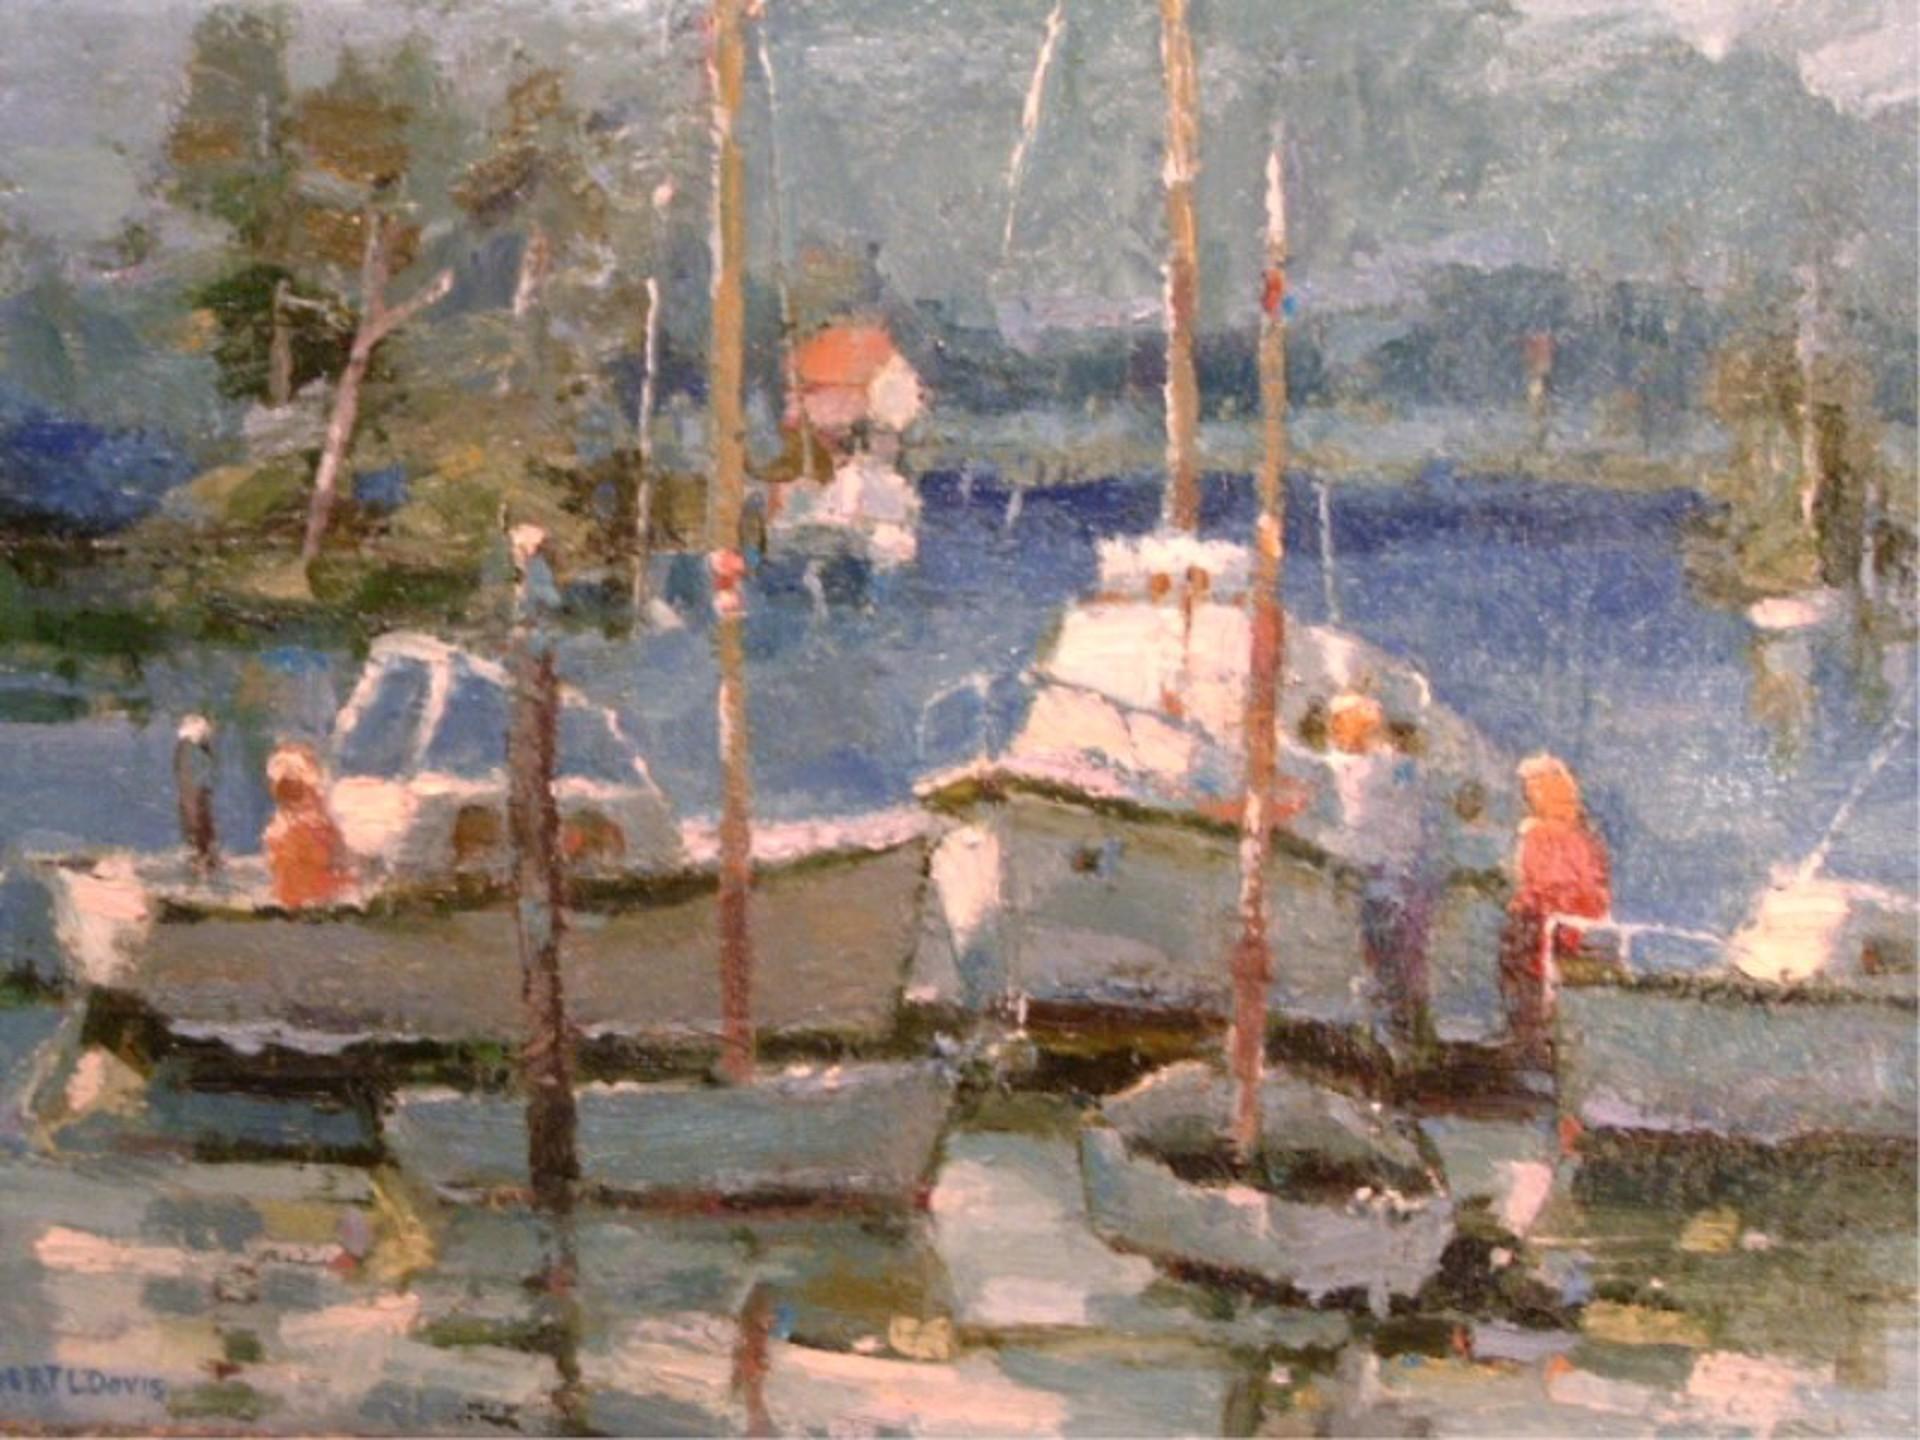 Boating at Lake Cachuma by Robert L. Davis